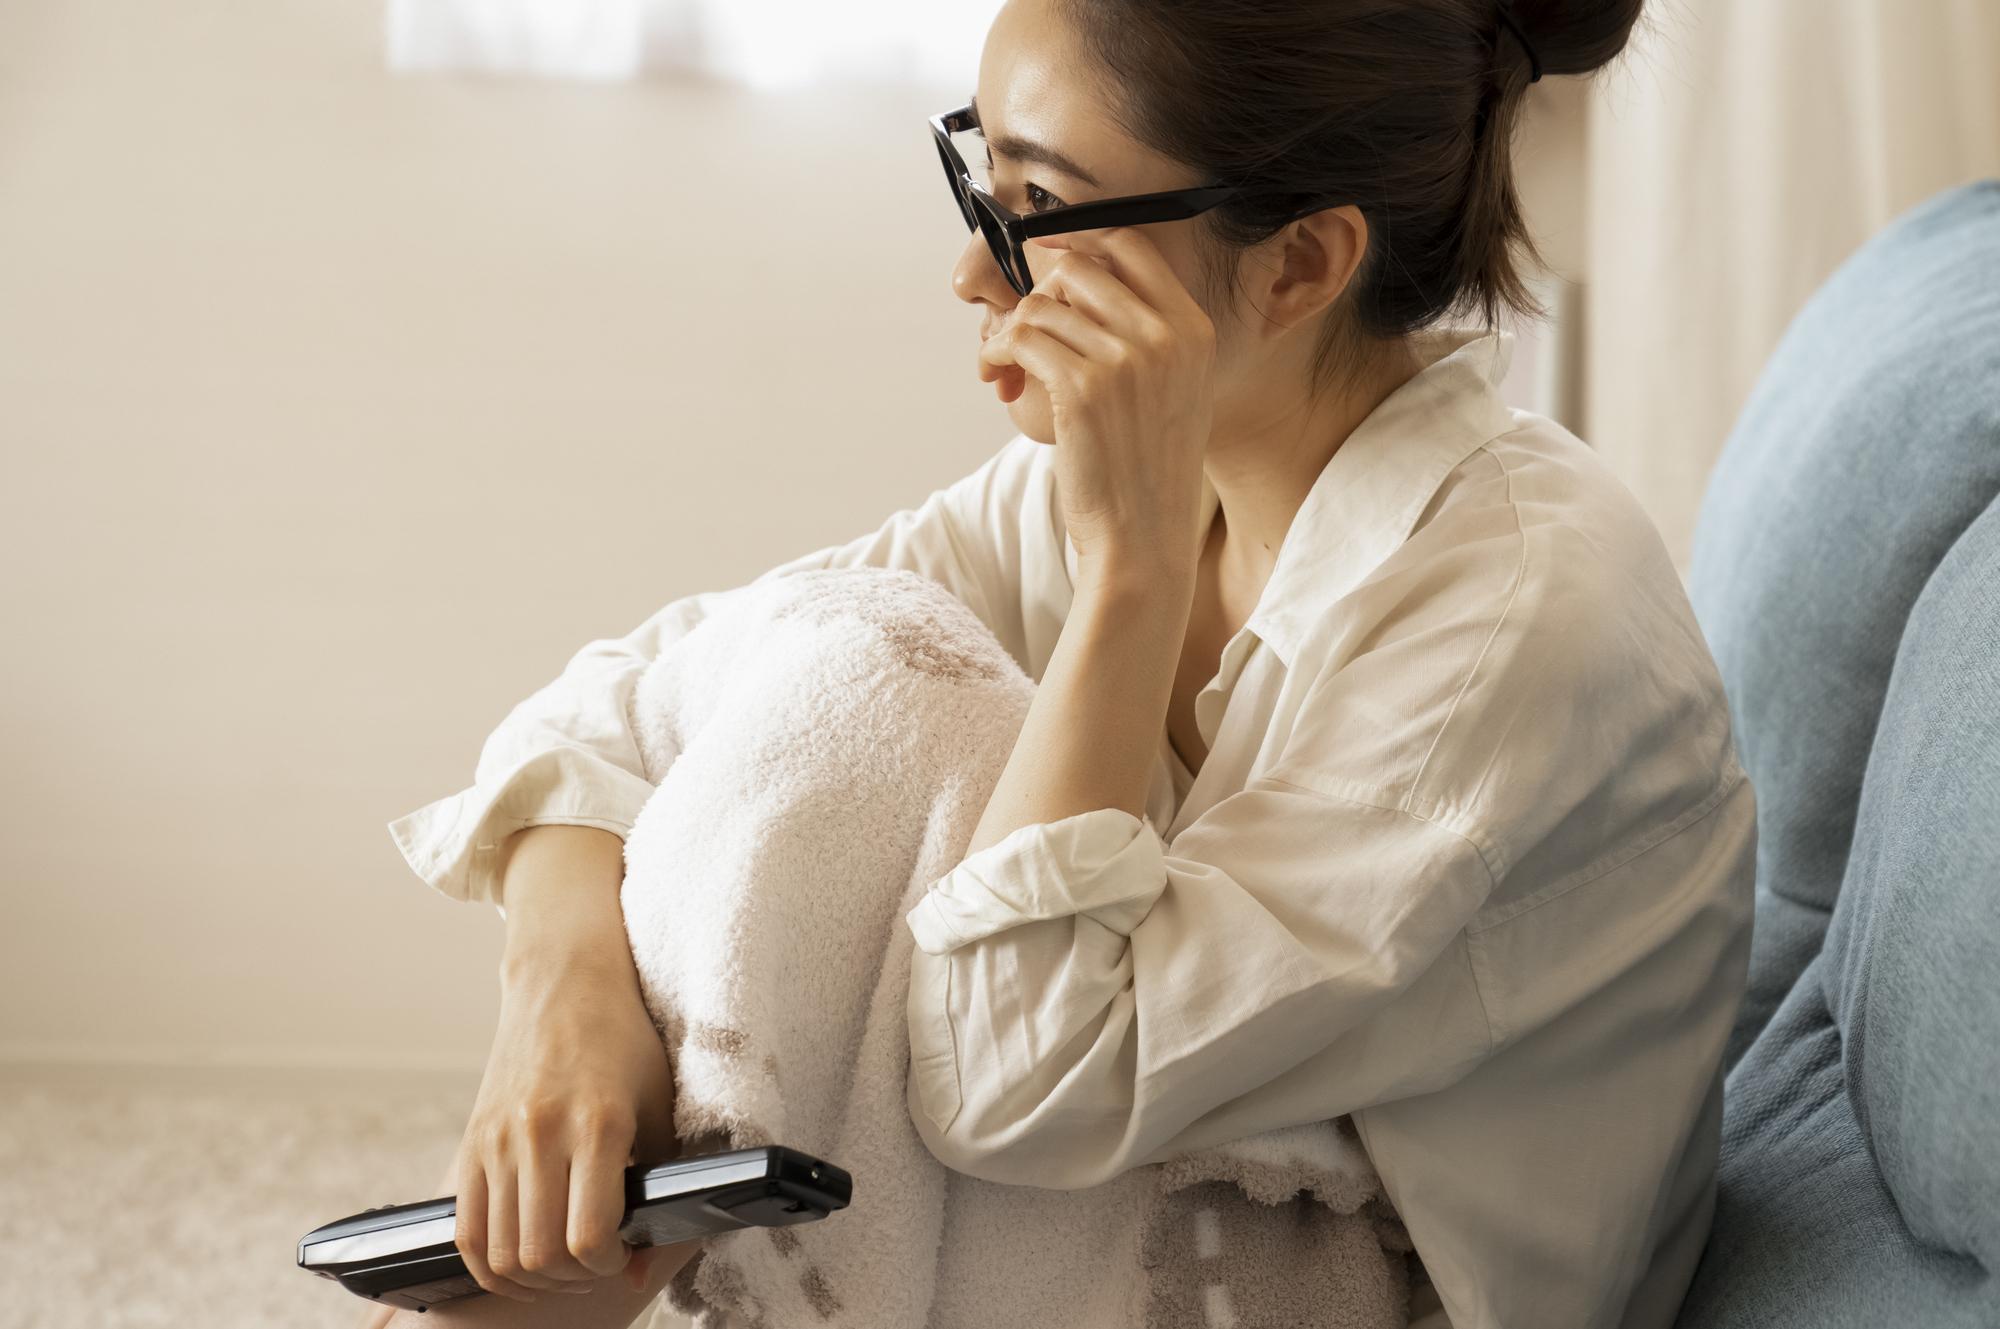 ベッドの上でテレビを見る女性